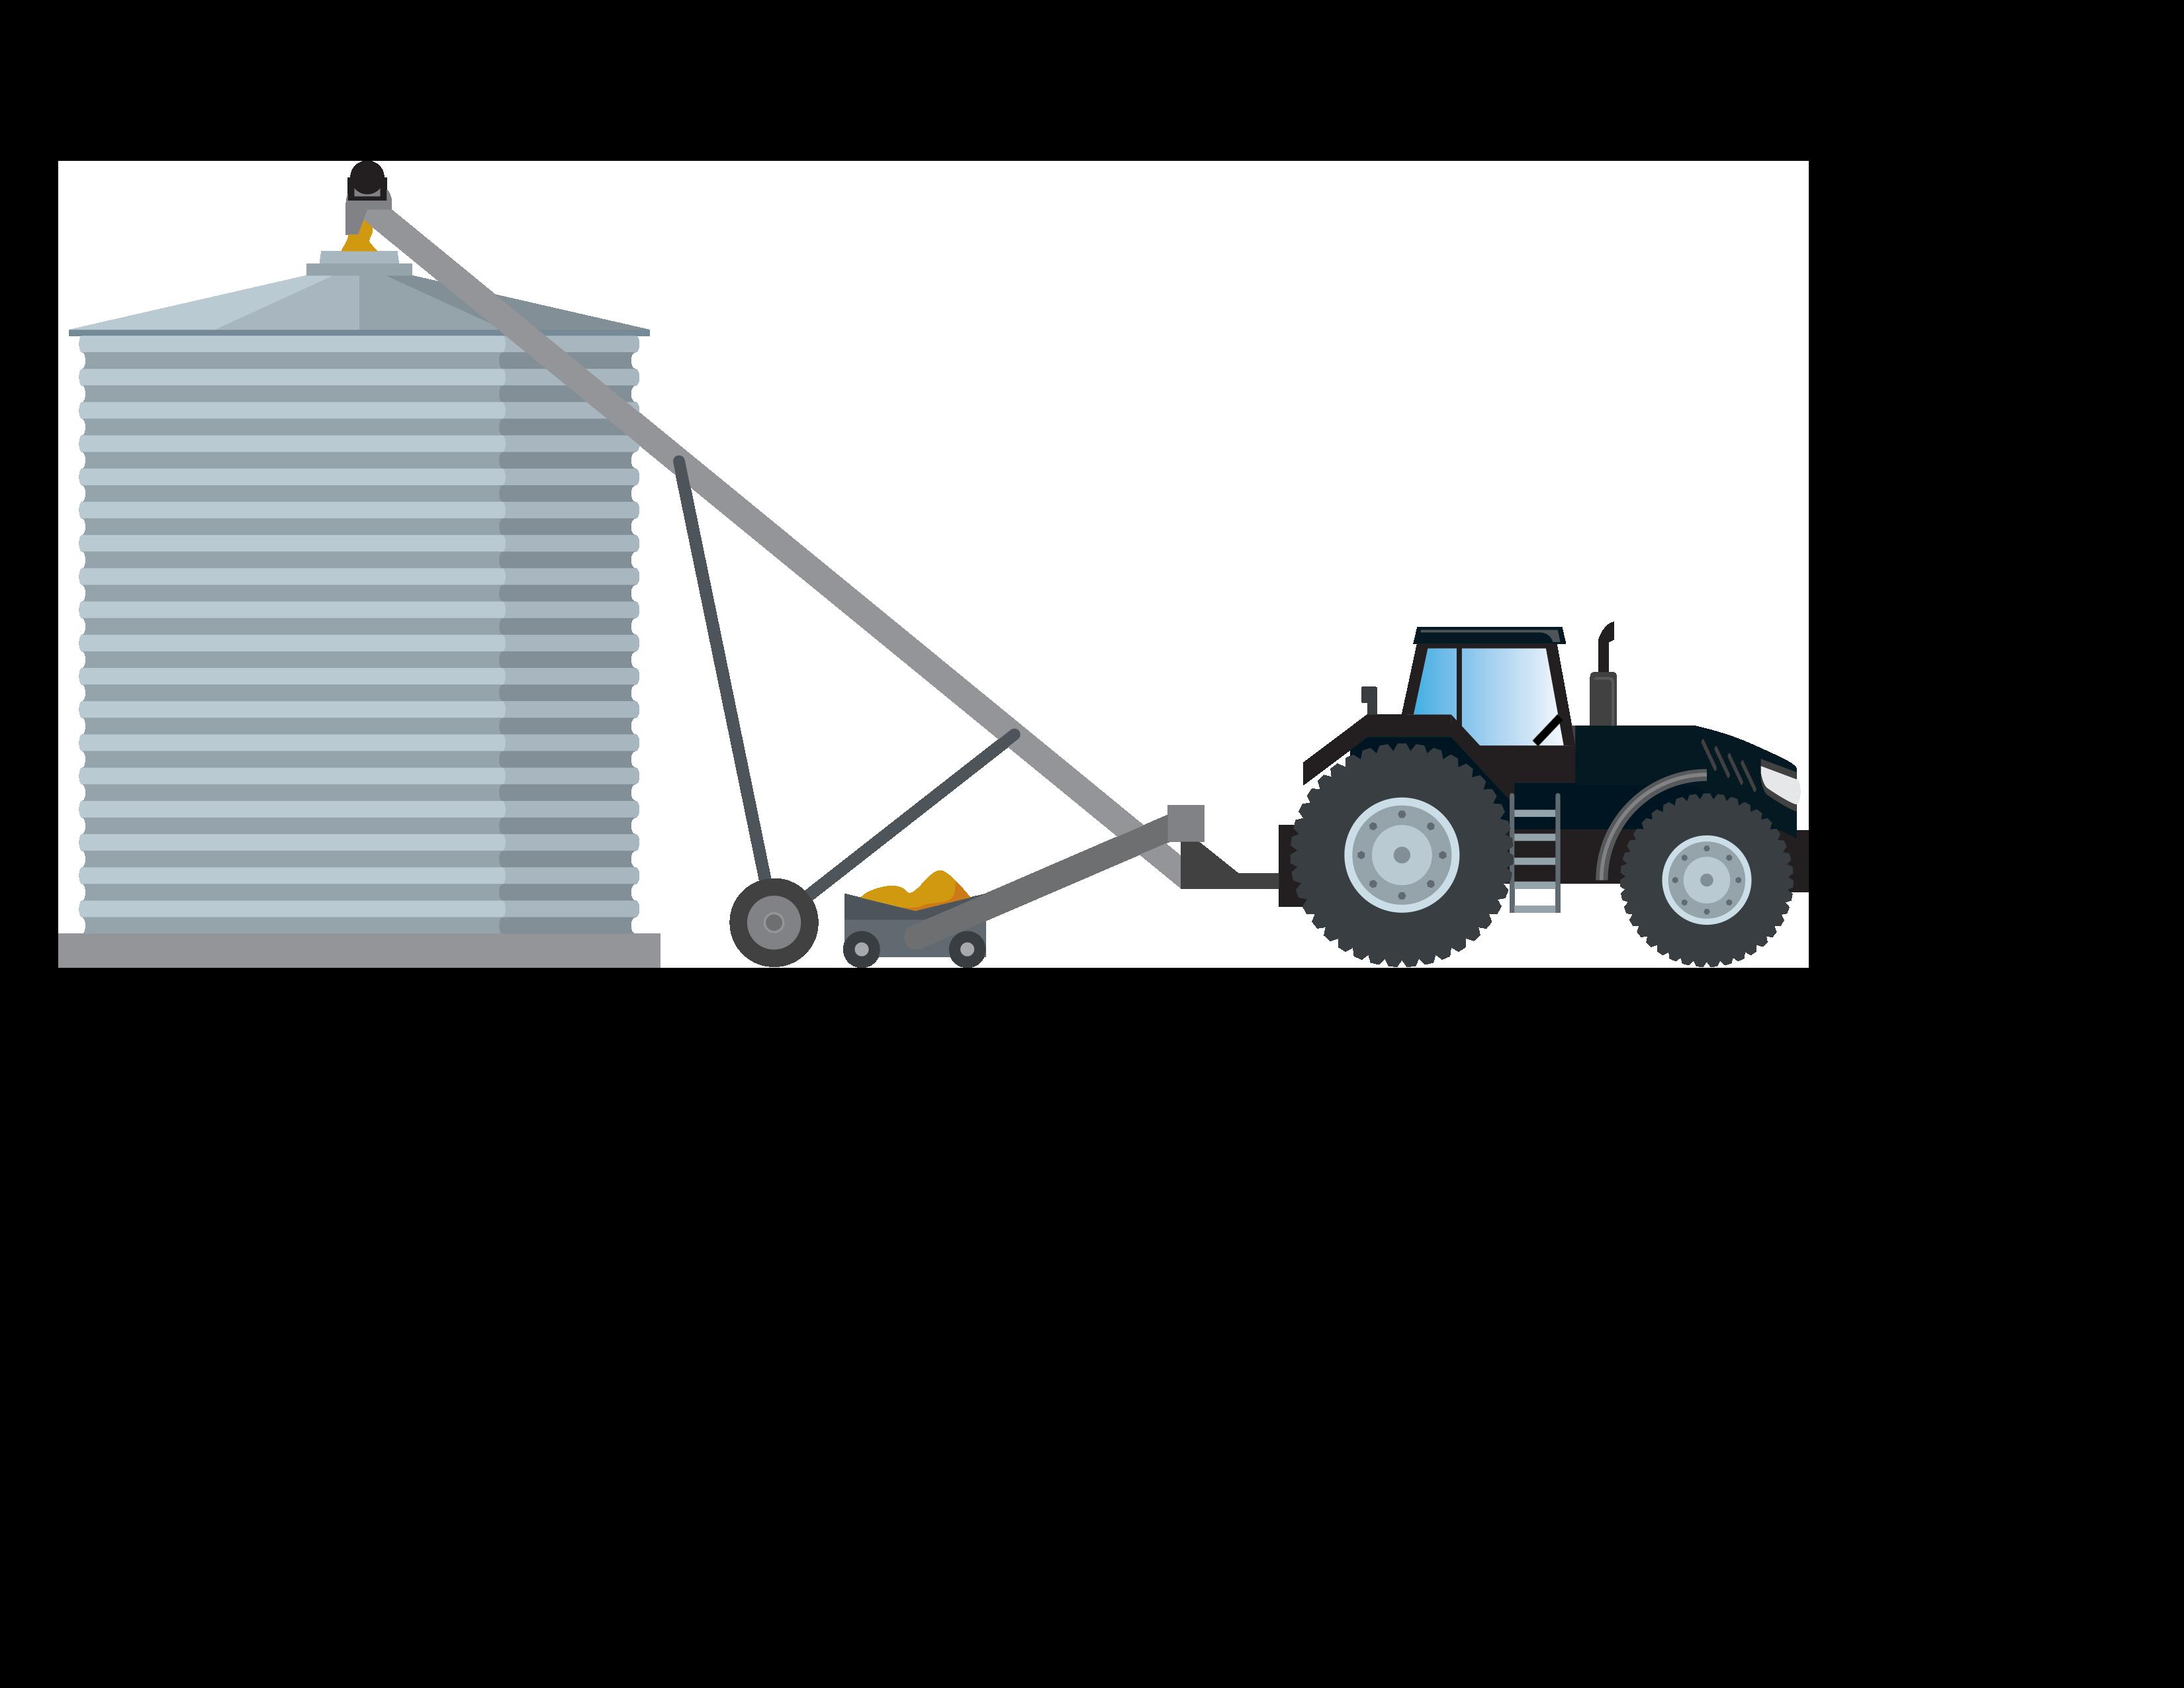 Solution Guide Agcam Grain Bin Loading 09 23 20